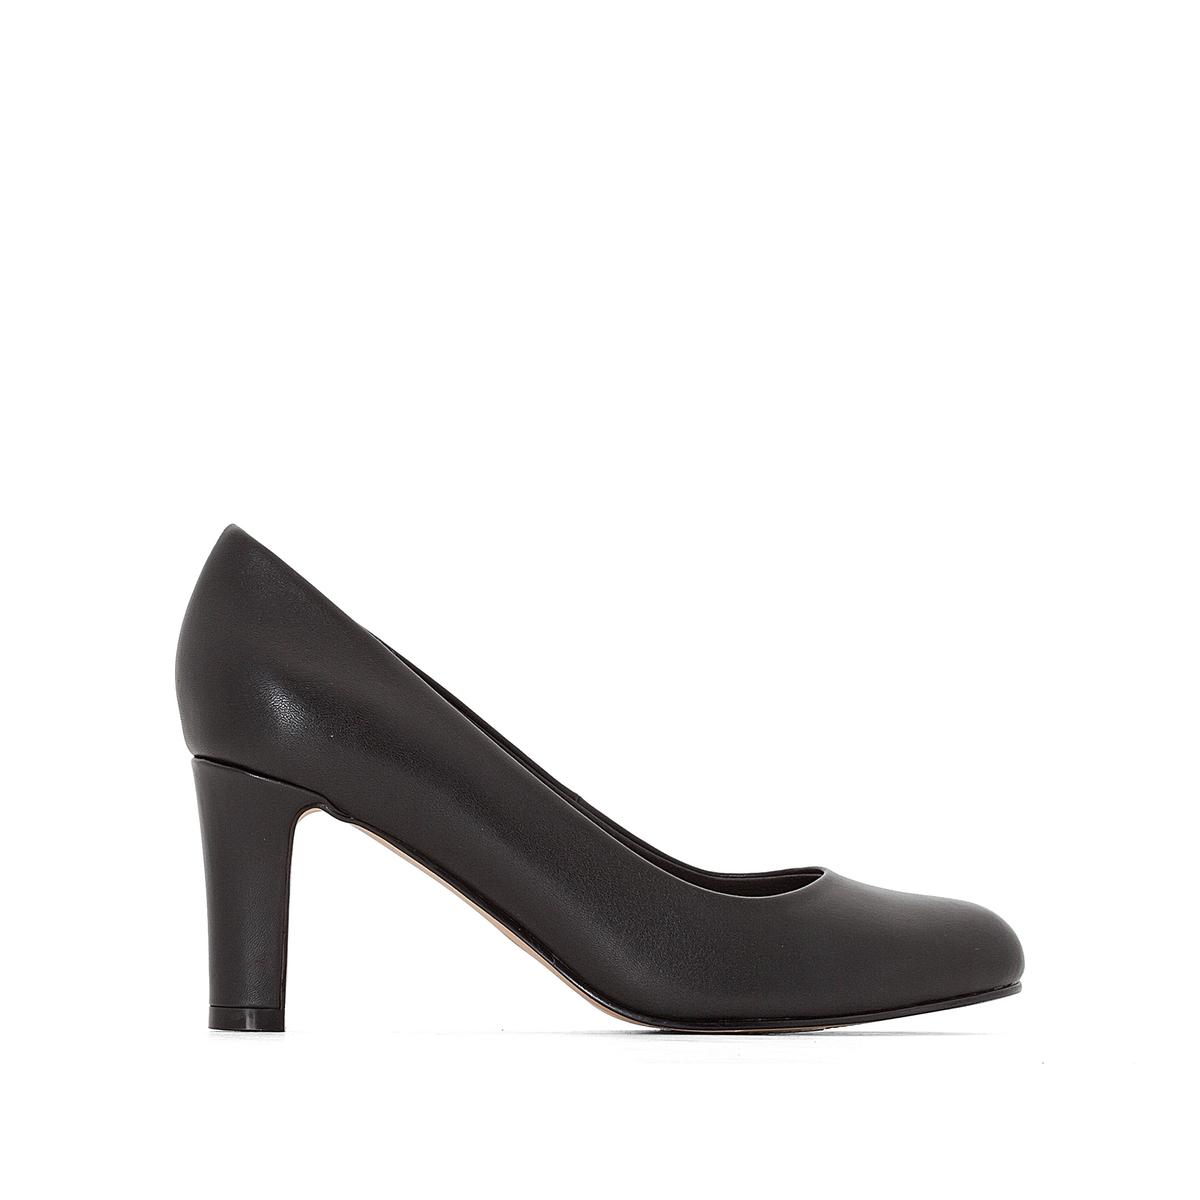 Imagen principal de producto de Zapatos de tacón de piel - Anne weyburn